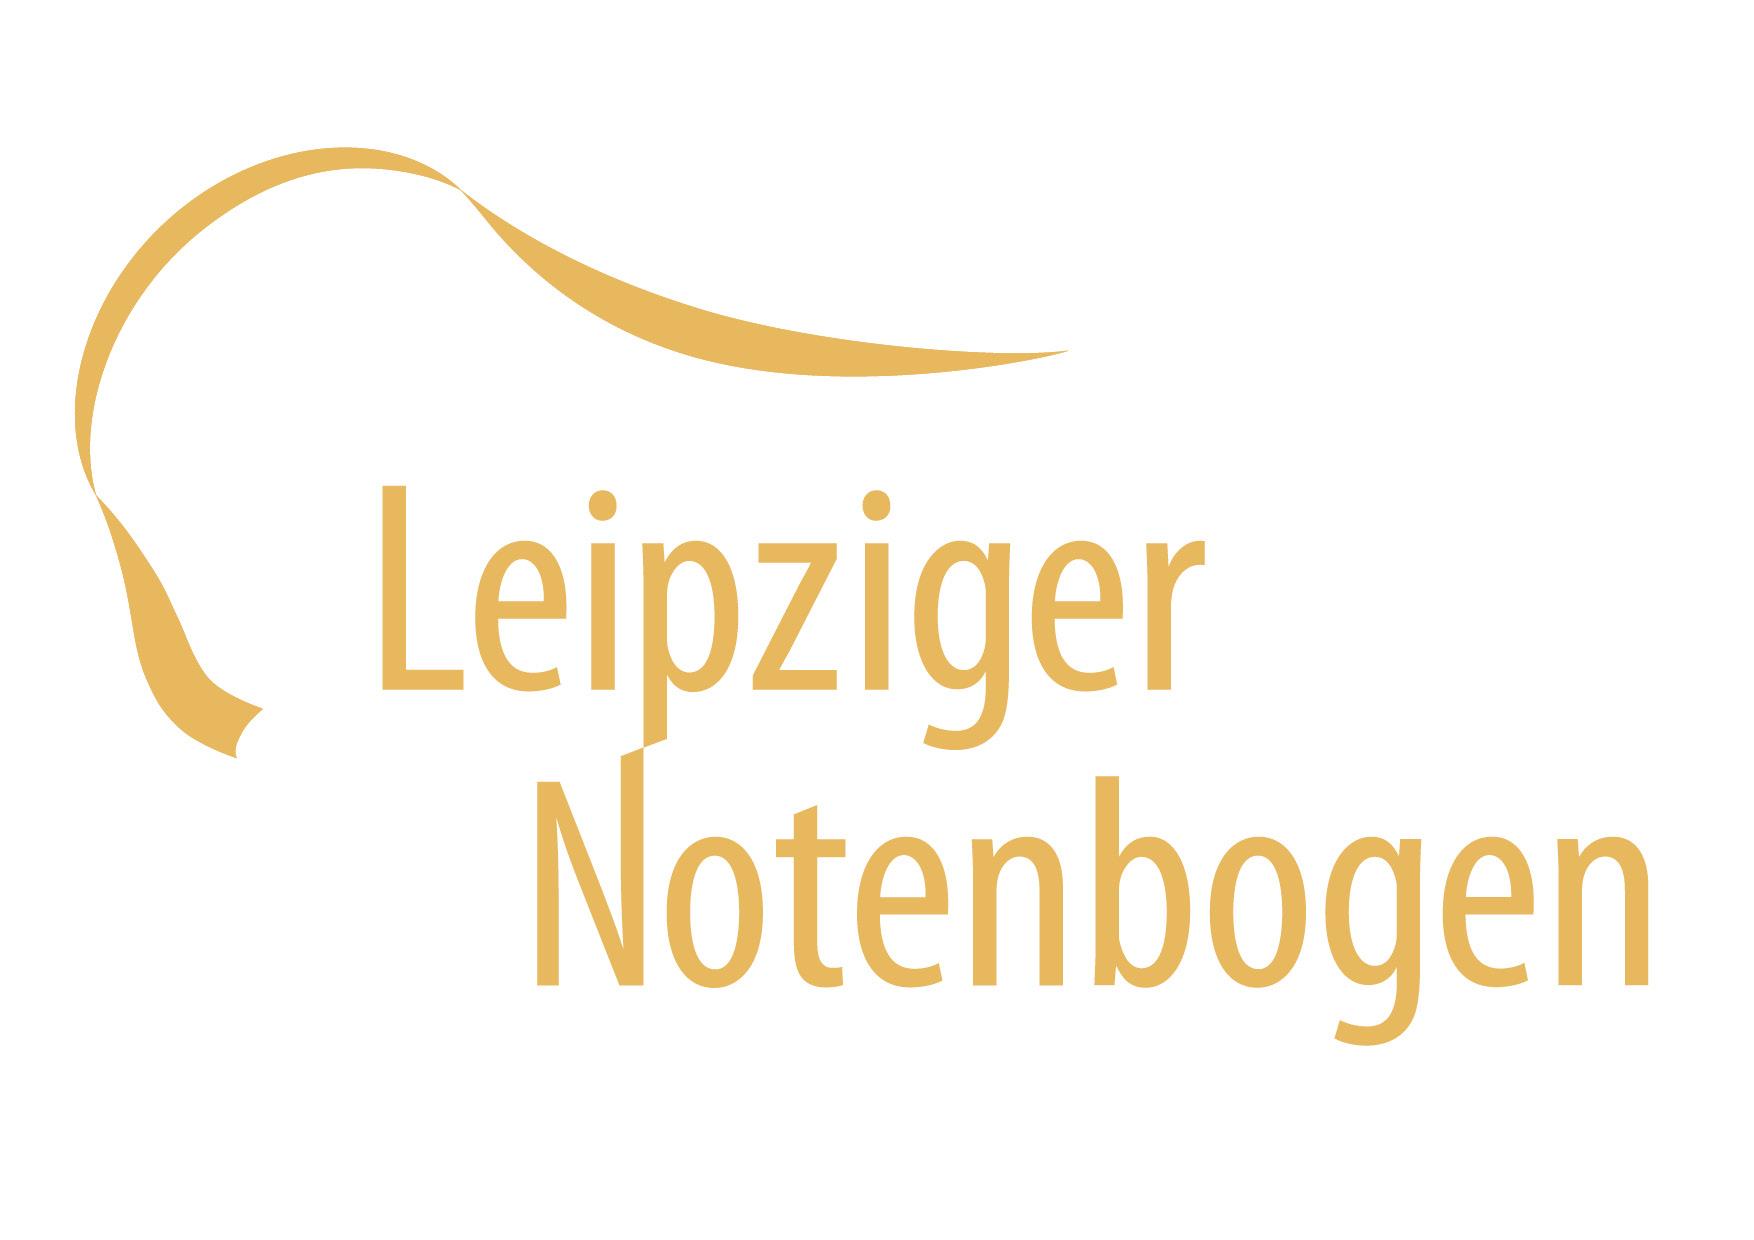 Leipziger Notenbogen